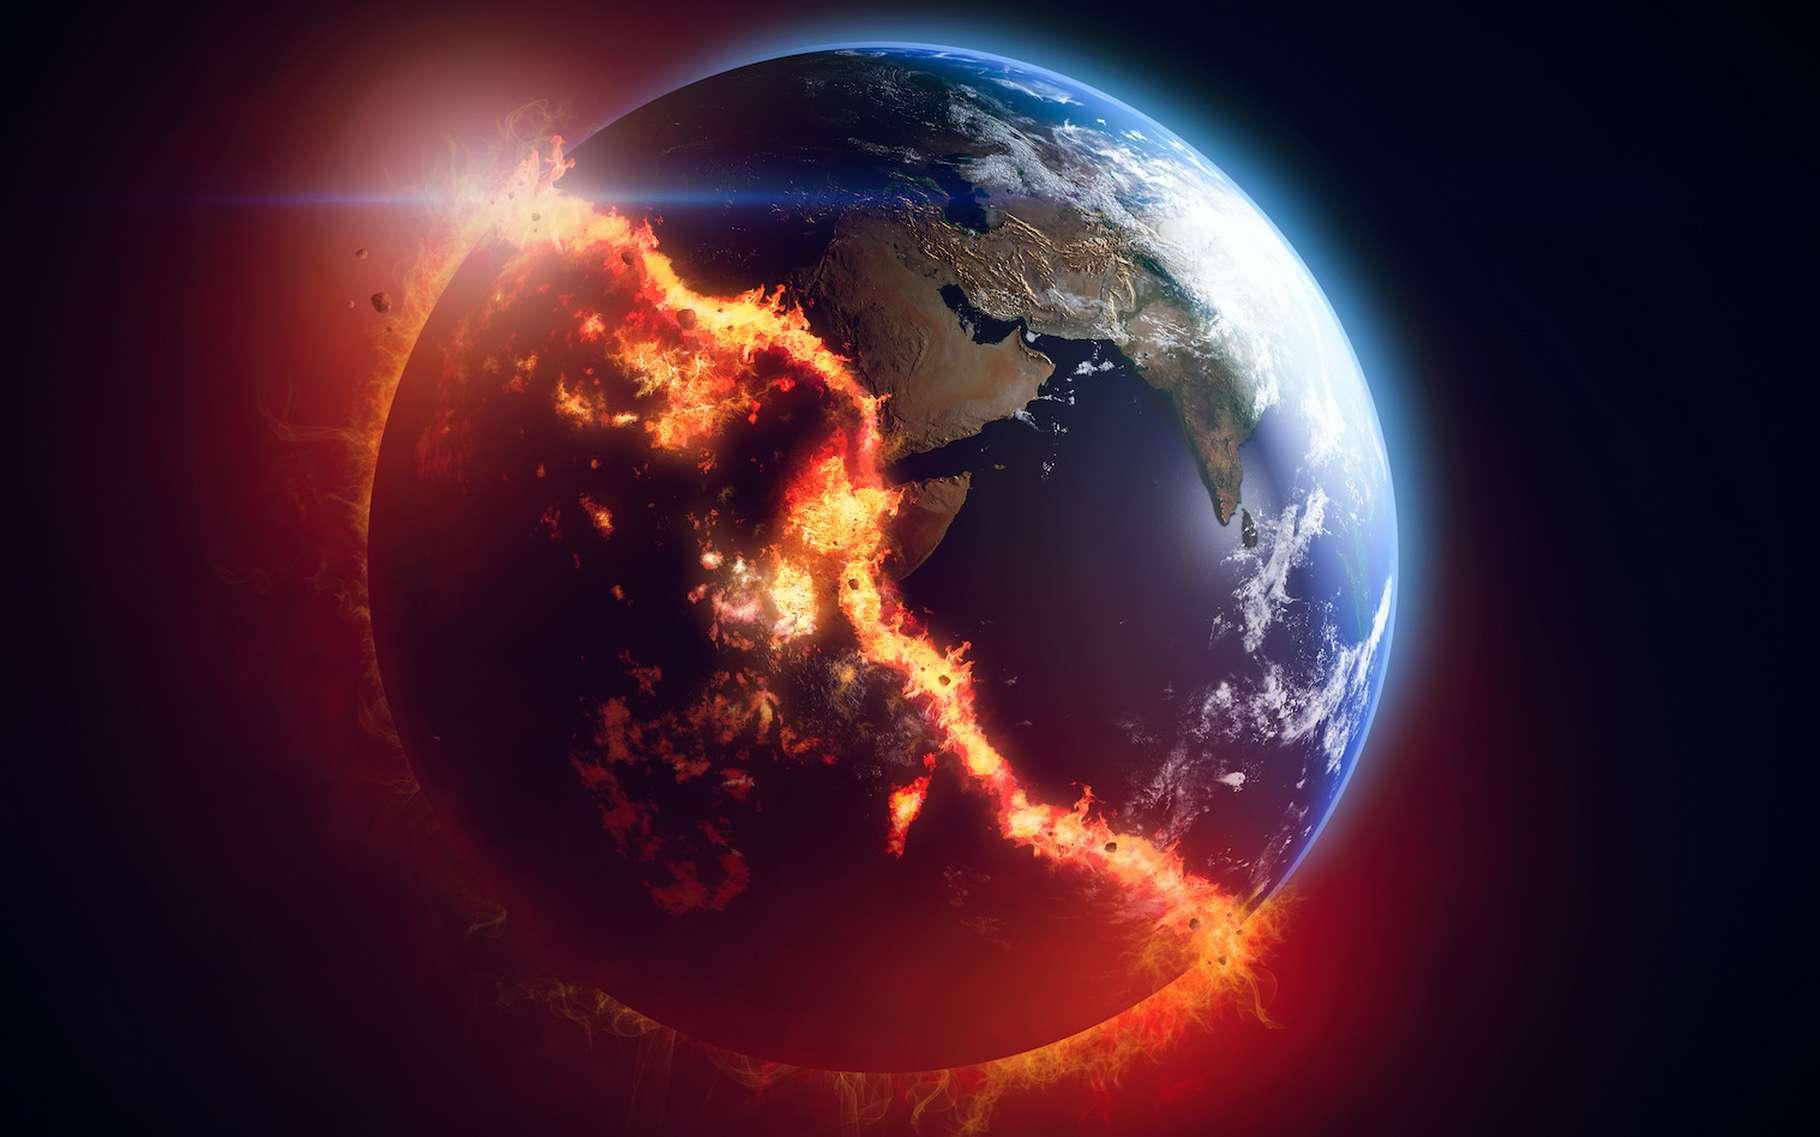 Des chercheurs du Massachusetts Institute of Technology (MIT, États-Unis) ont observé que par le passé, notre Terre a connu un « biais de réchauffement » l'entraînant vers des épisodes de réchauffement plus fréquents et plus intenses que les épisodes de refroidissement. © trahko, Adobe Stock